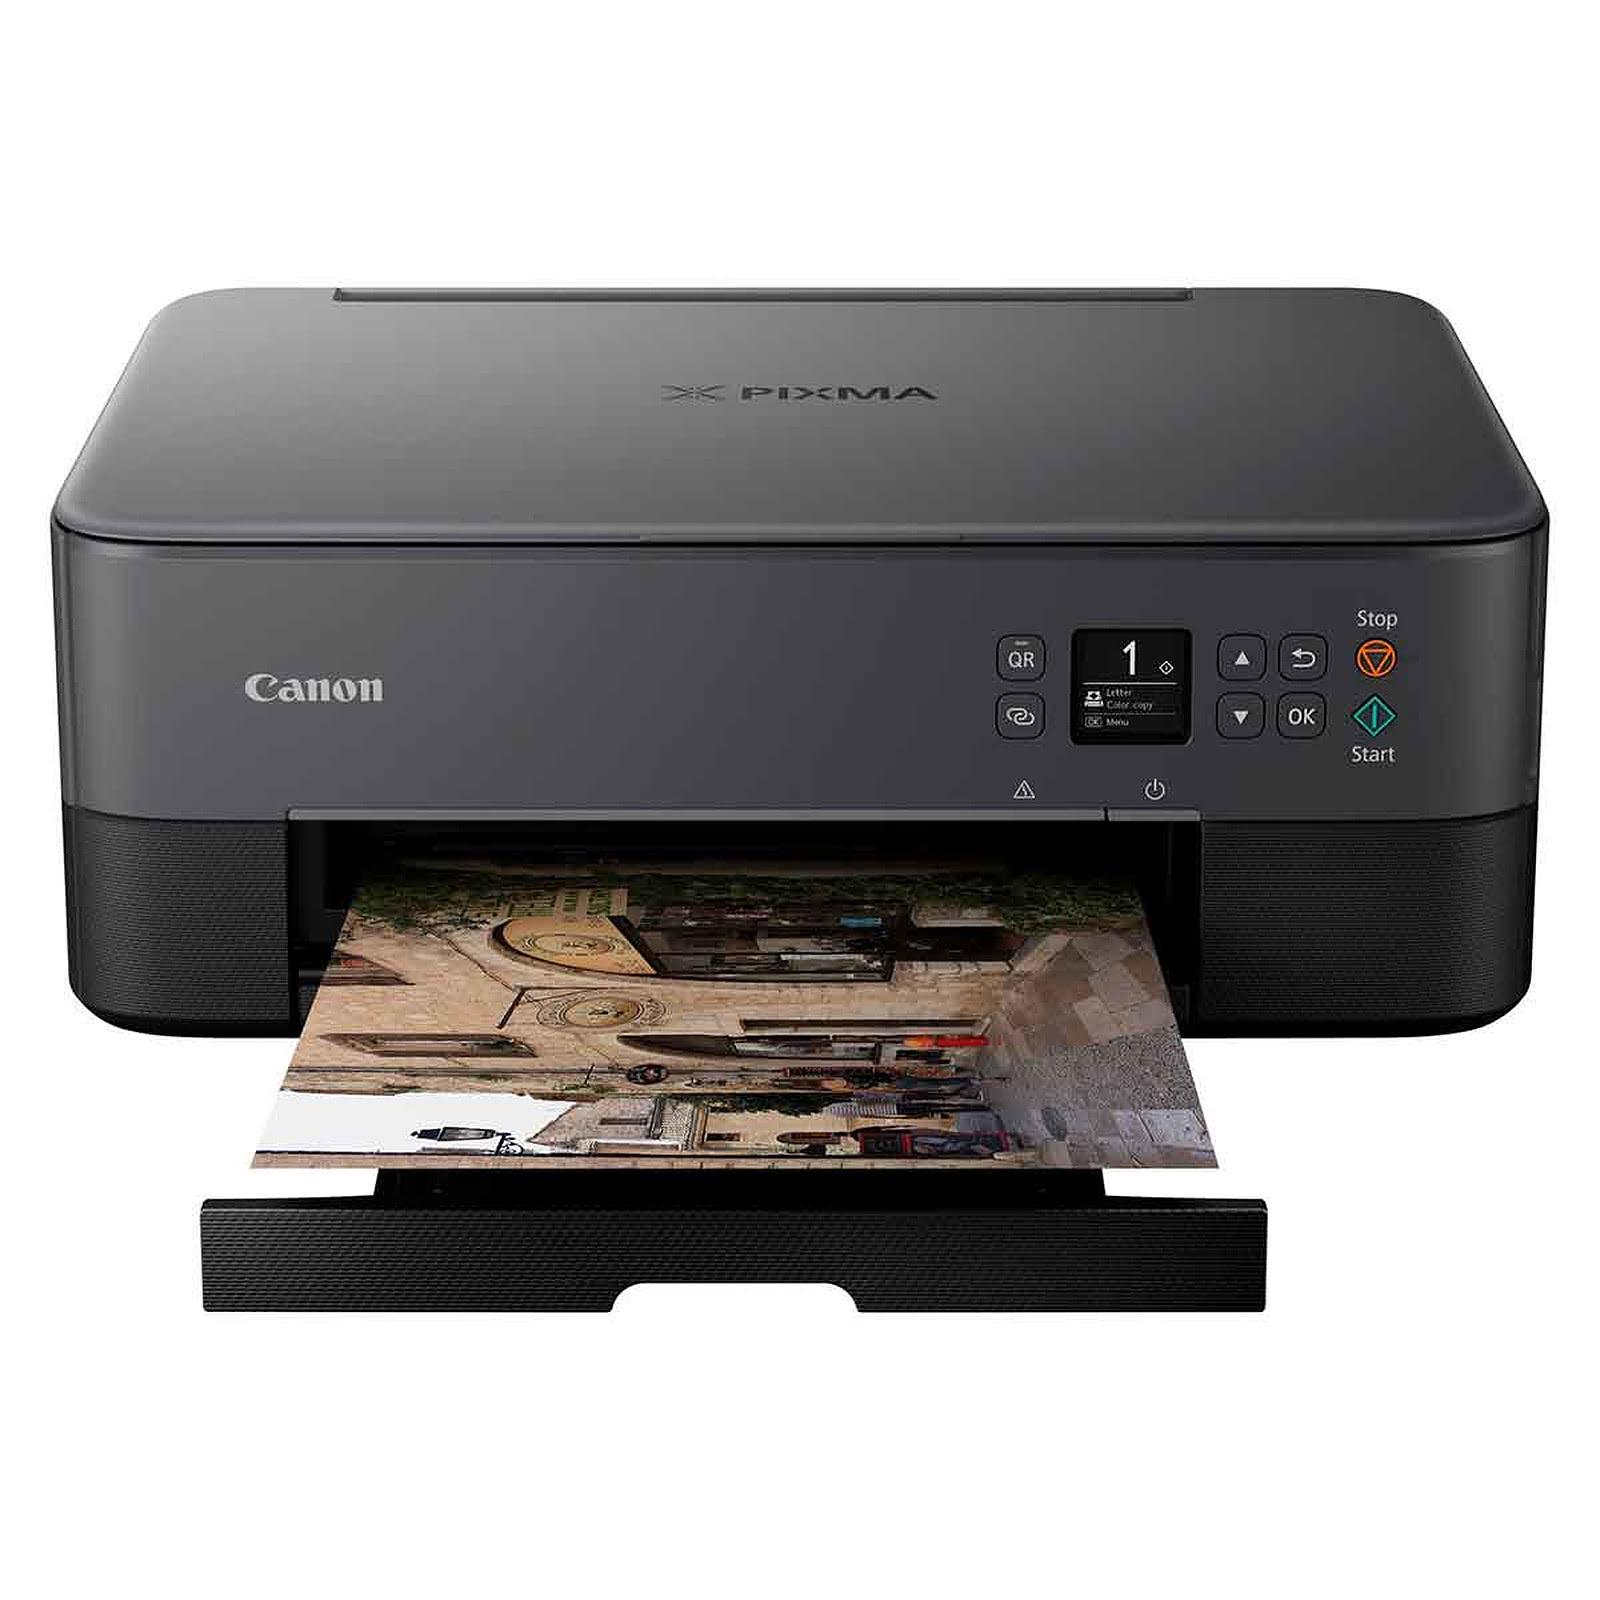 Imprimante multifonction Canon PIXMA TS5350 - Cybertek.fr - 3